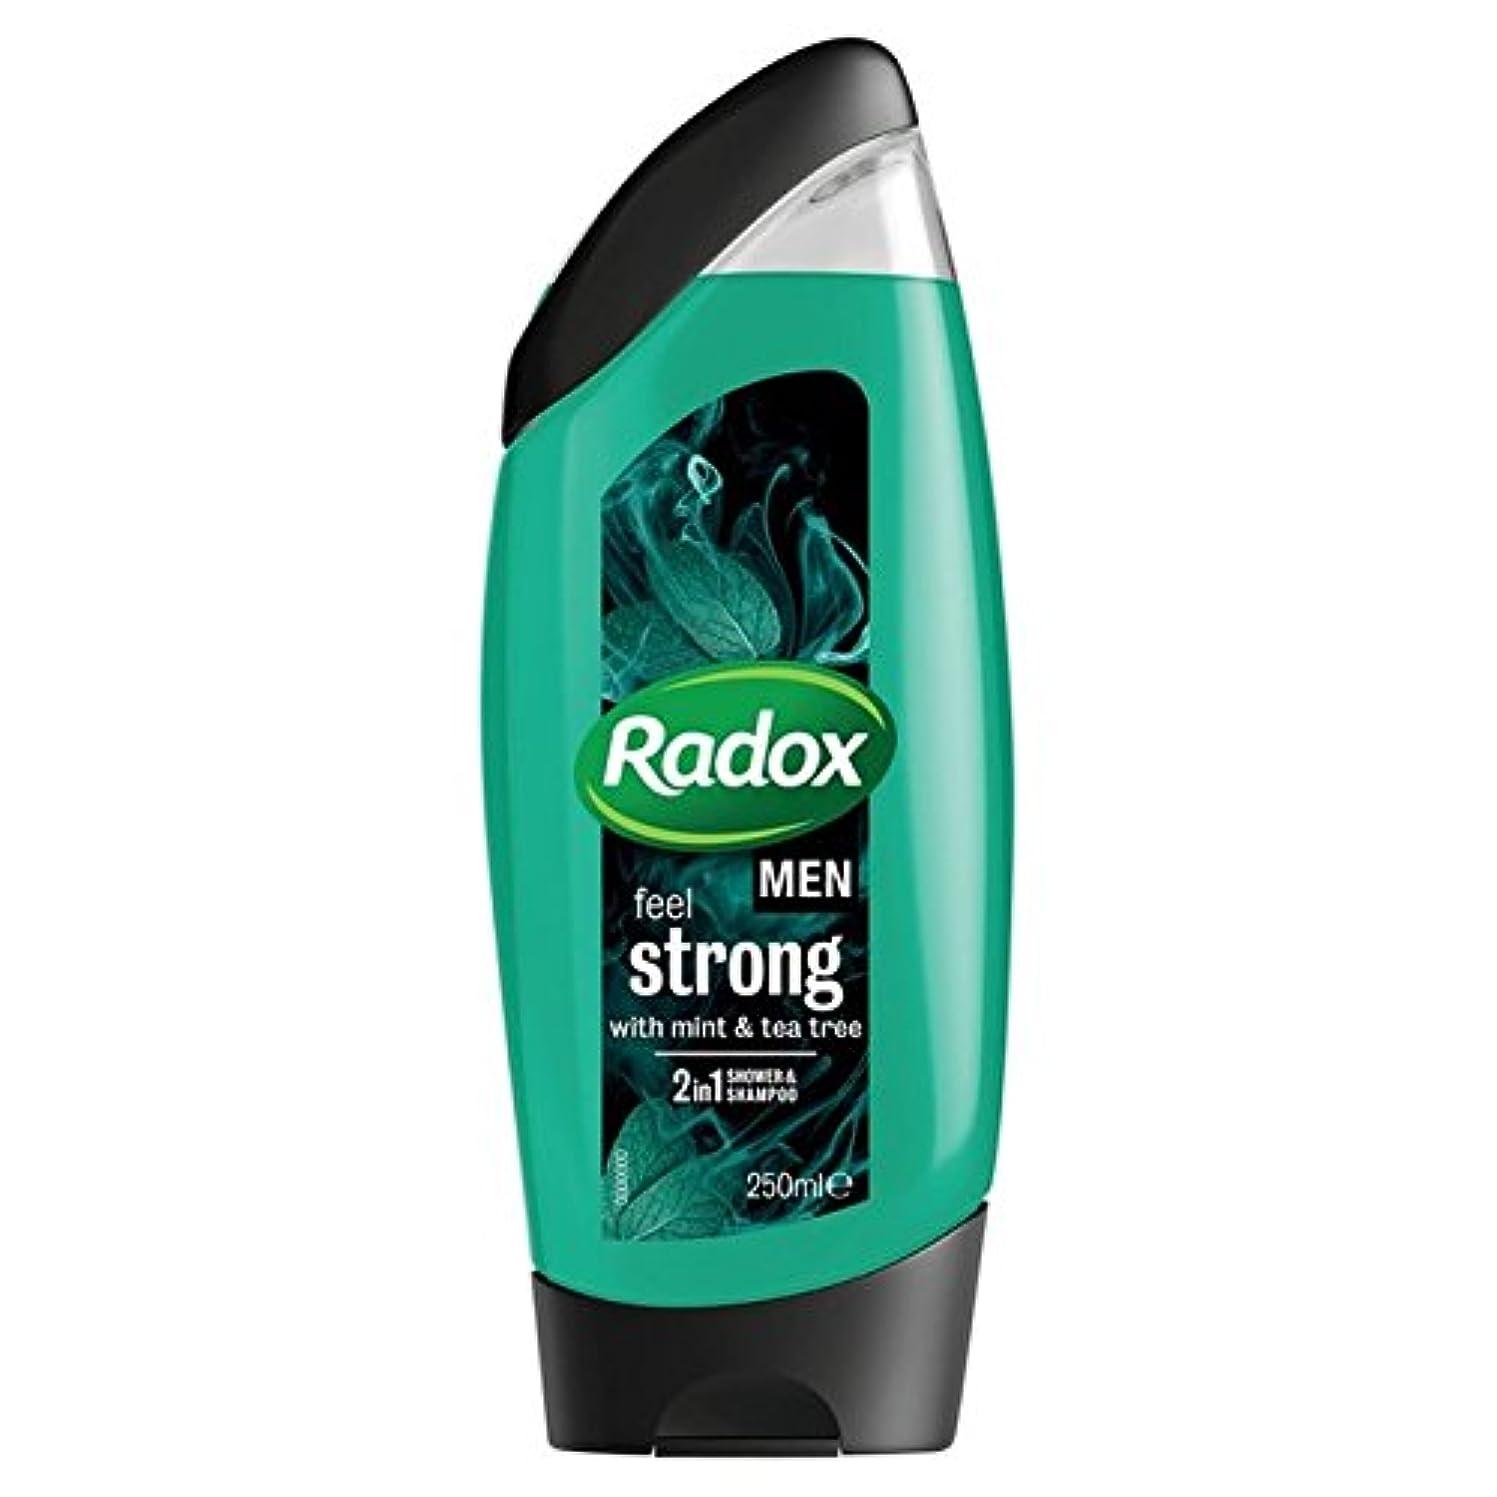 橋仕方女王Radox Men Feel Strong Mint & Tea Tree 2in1 Shower Gel 250ml - 男性は、強力なミント&ティーツリーの21のシャワージェル250ミリリットルを感じます [並行輸入品]